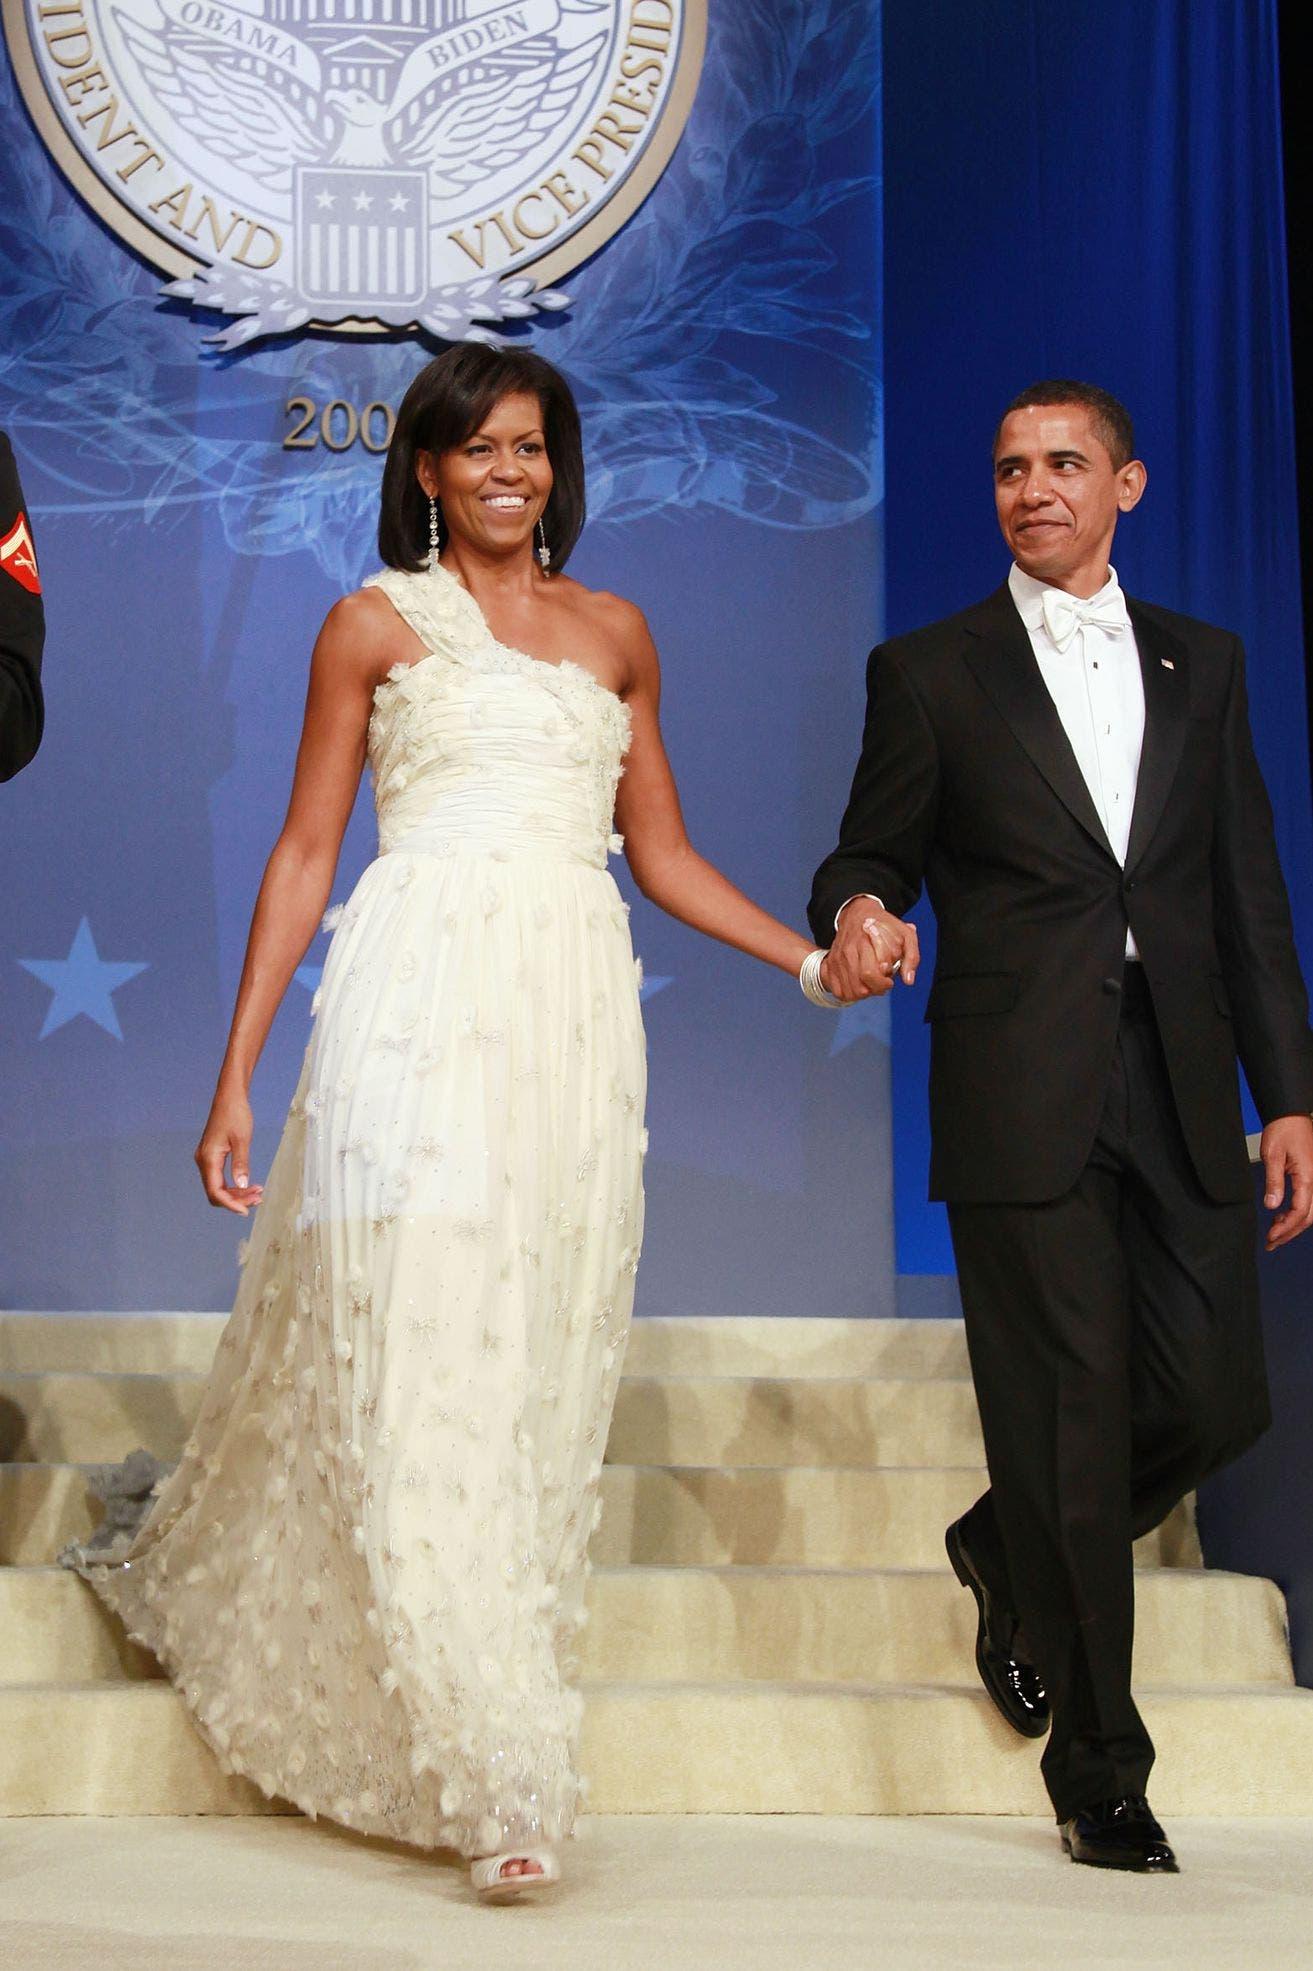 ميشيل أوباما بإطلالة من جايسون وو